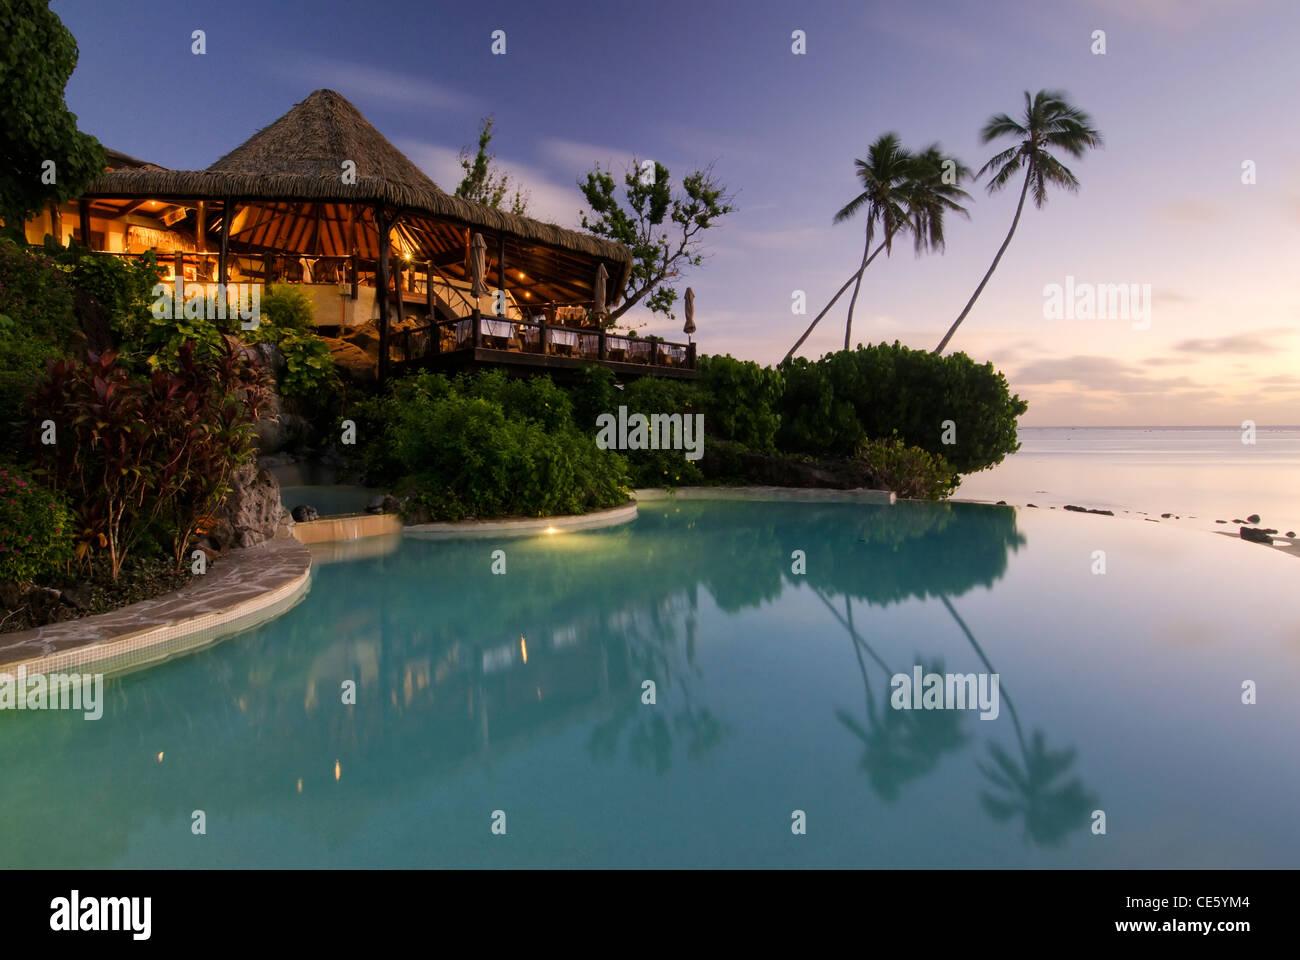 Pacific Resort S Infinity Pool Aitutaki The Cook Islands